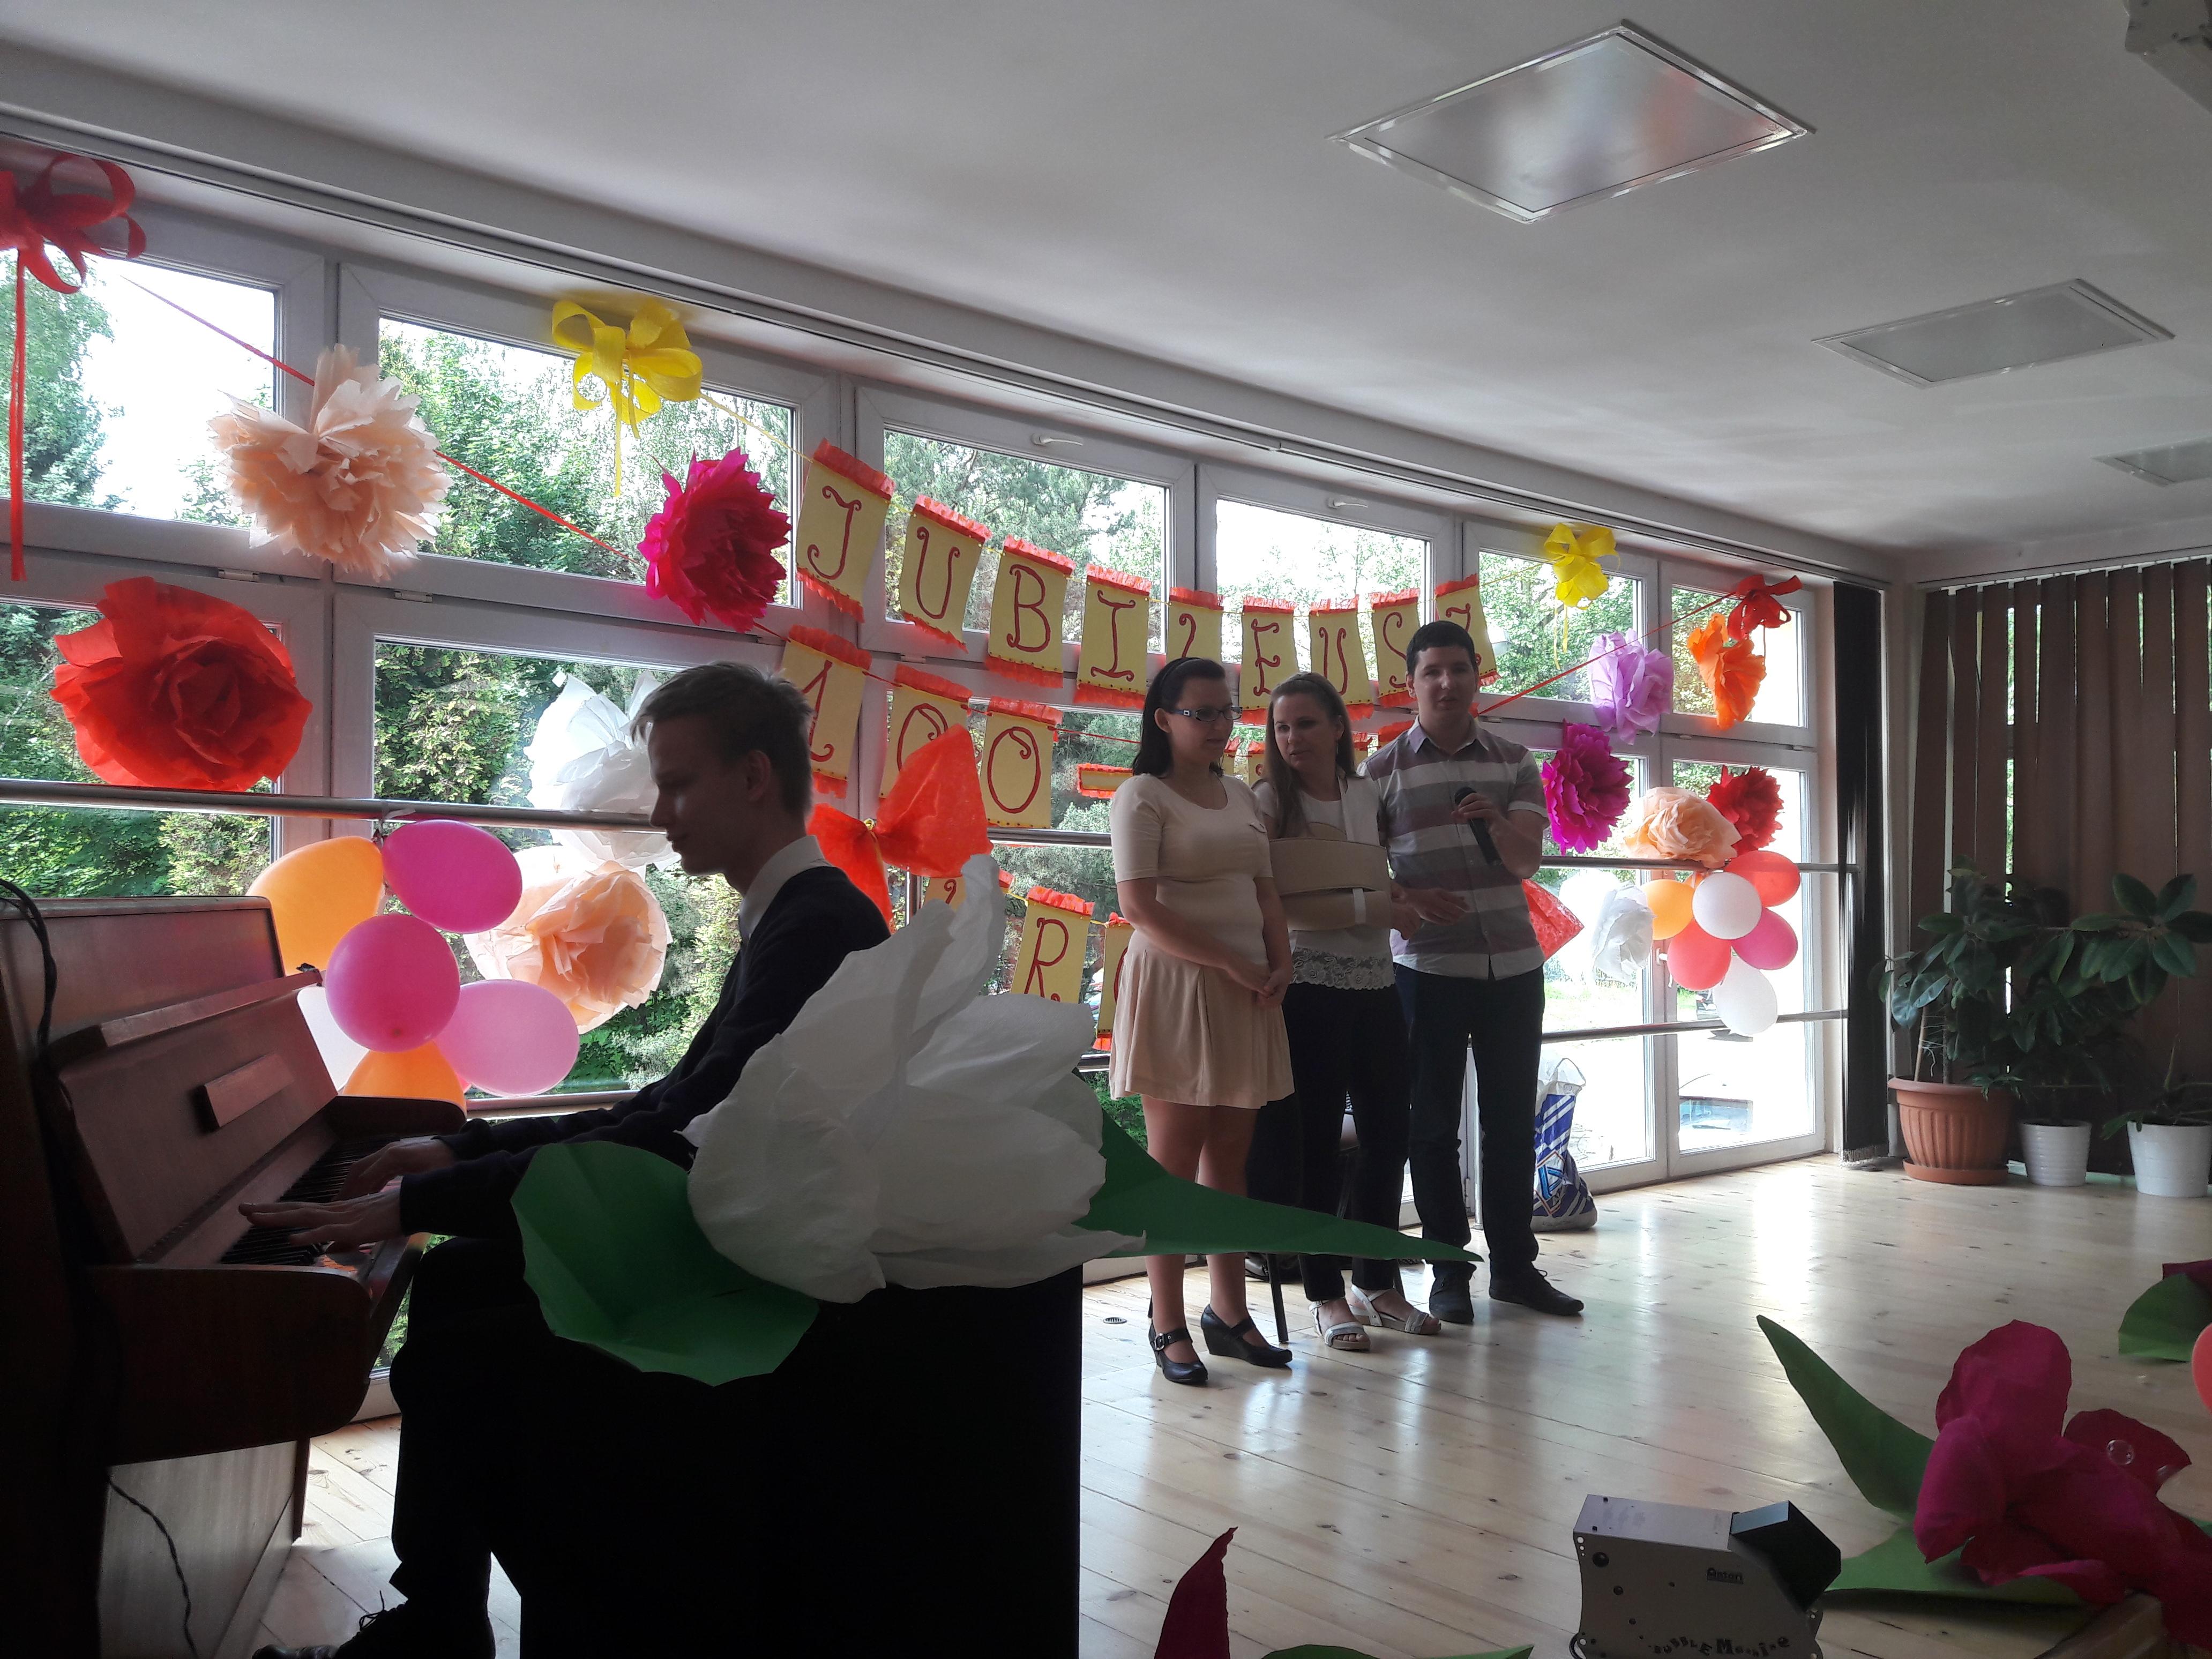 Na scenie znajdują się cztery osoby. Dwie kobiety i dwóch mężczyzn. Jeden stoi, w ręce trzyma mikrofon, obok niego stoją kobiety. Drugi gra na pianinie.